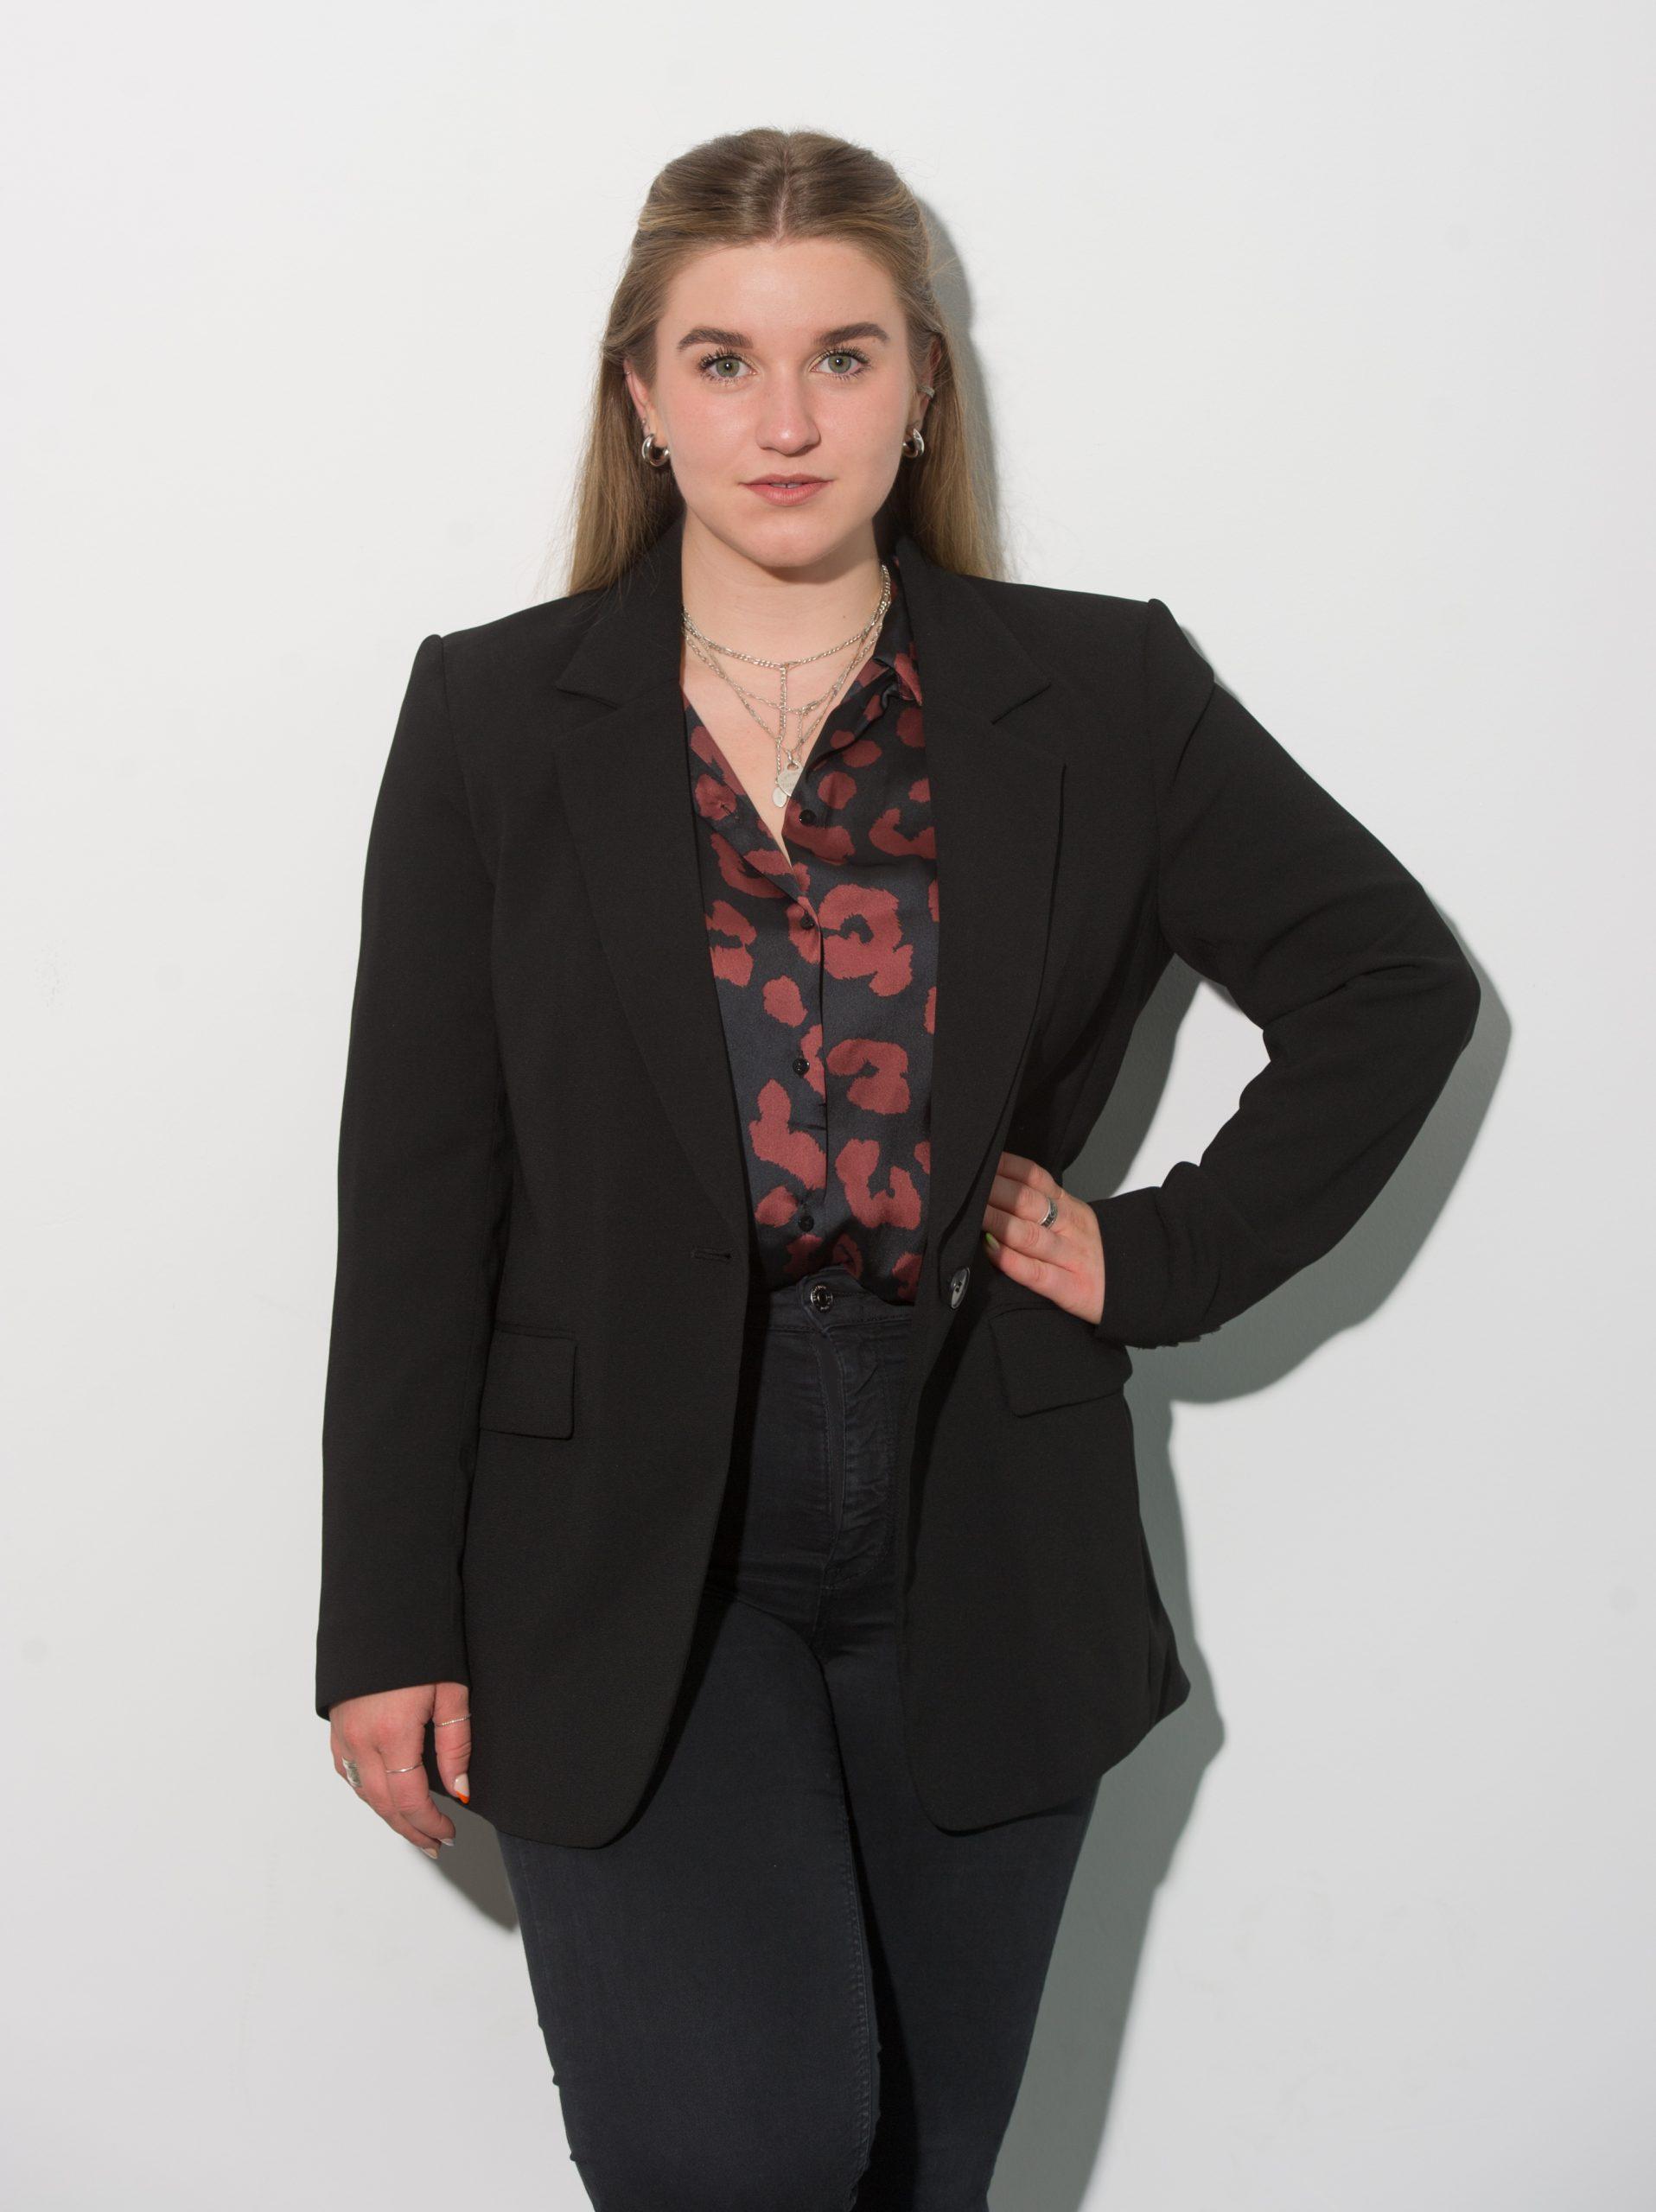 Laura Seubert